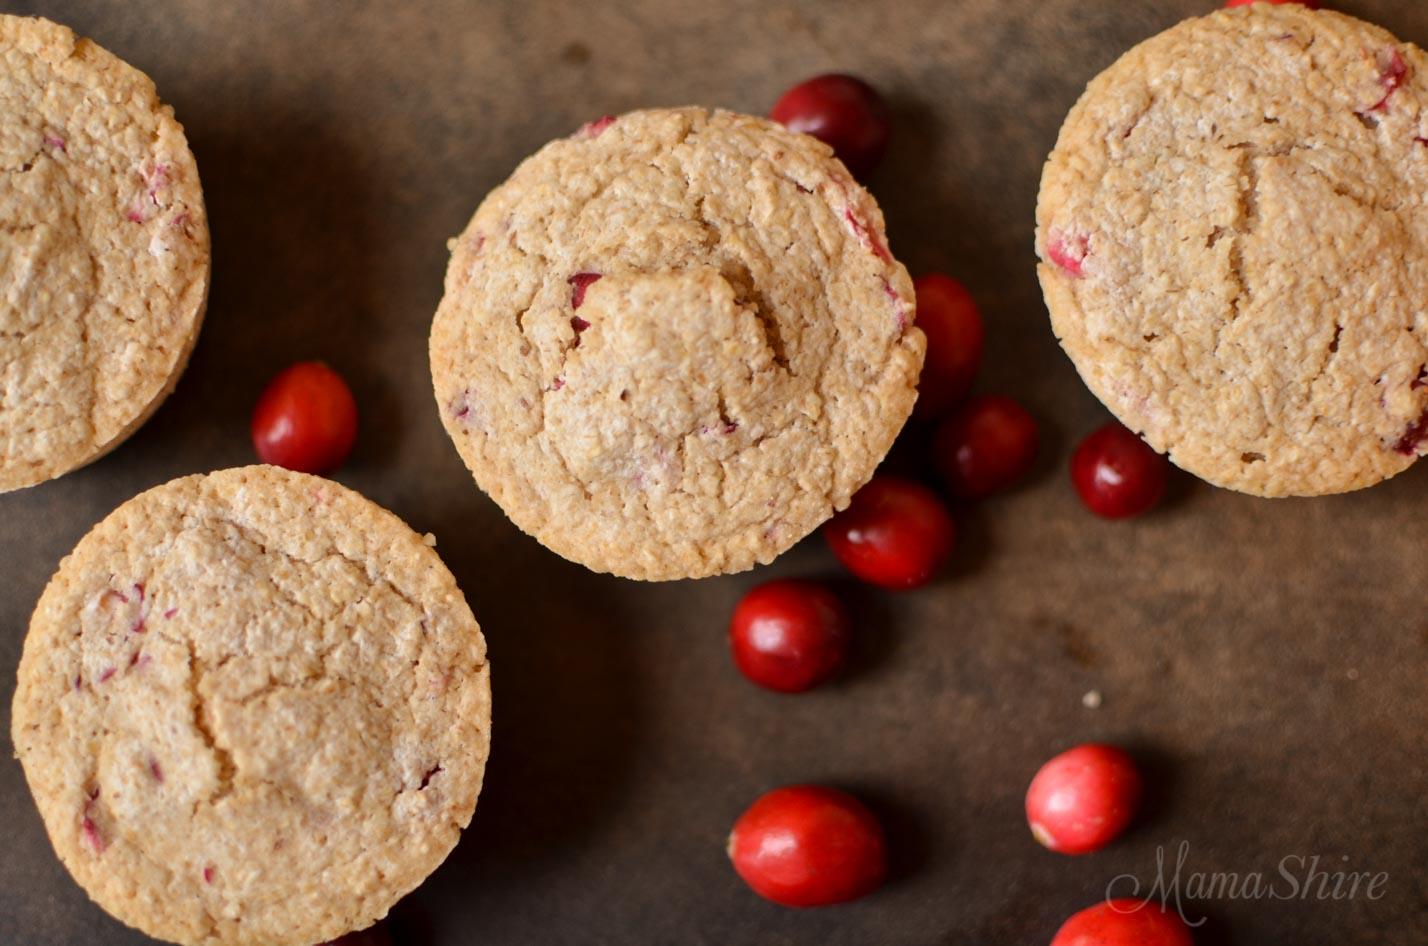 Oatmeal Orange Cranberry Muffins - Gluten-Free, Dairy-Free, Sugar-Free THM-E - MamaShire.com